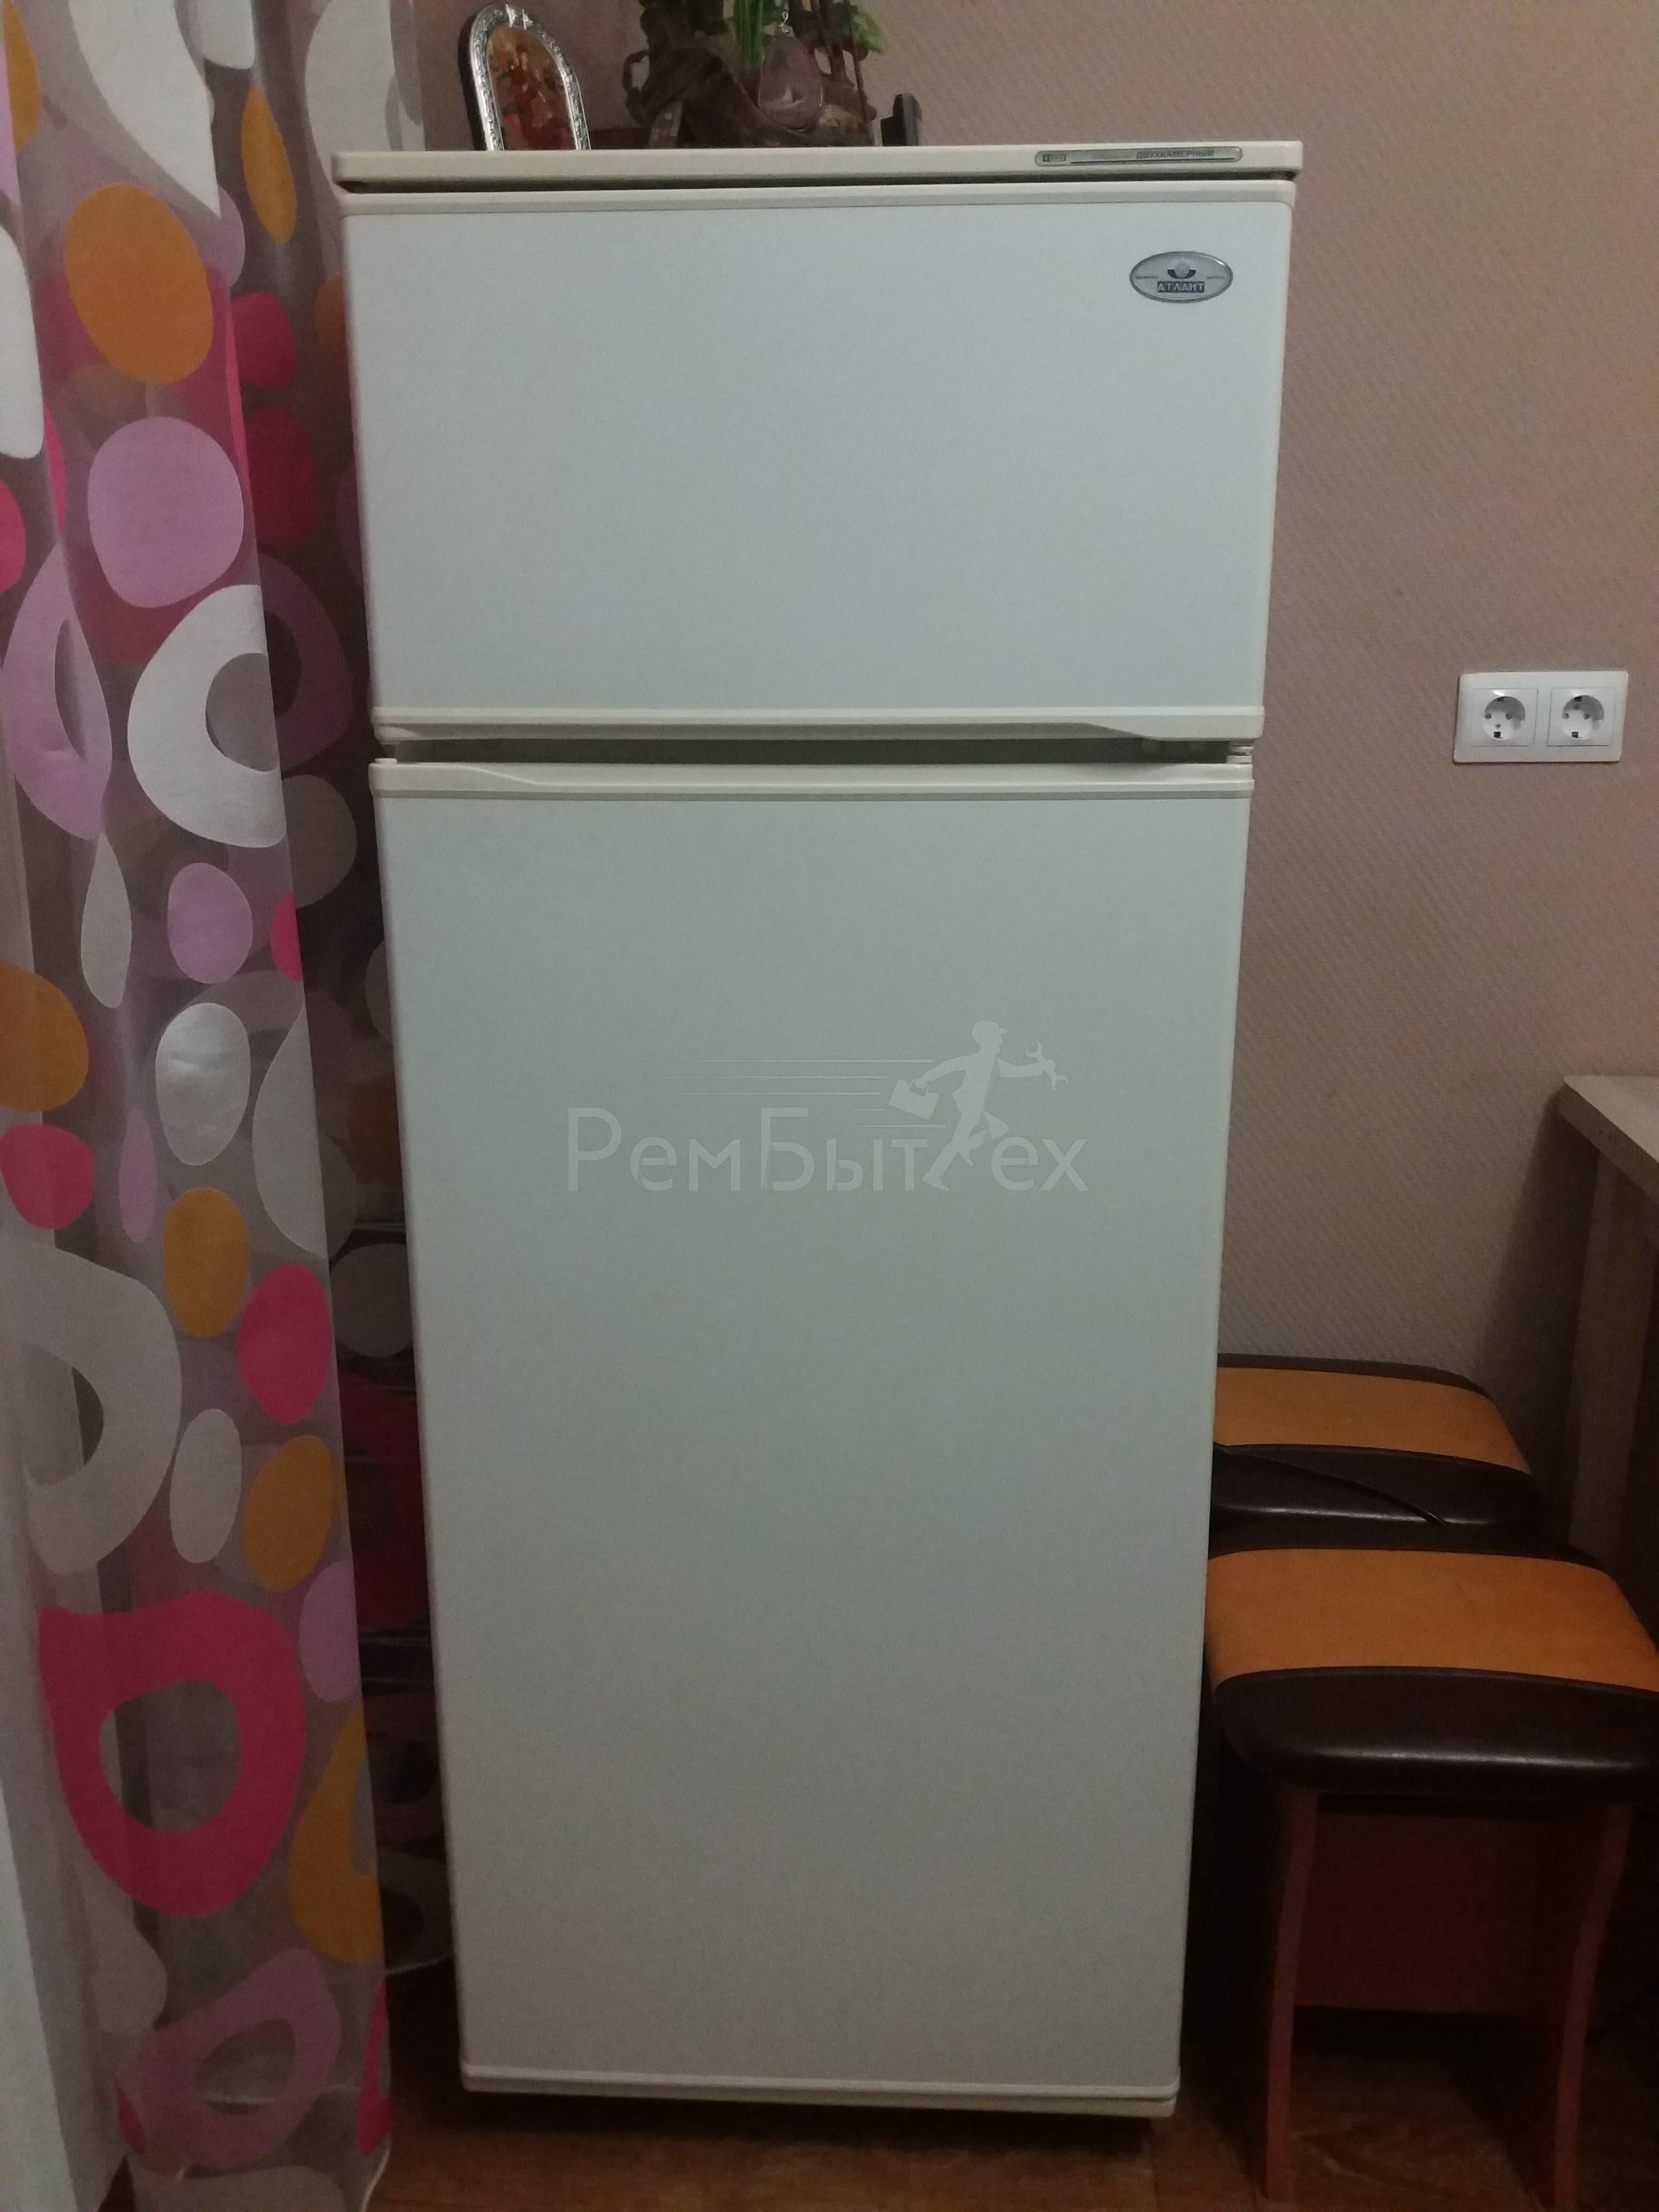 Замена пускозащитного реле и датчика температуры в холодильнике